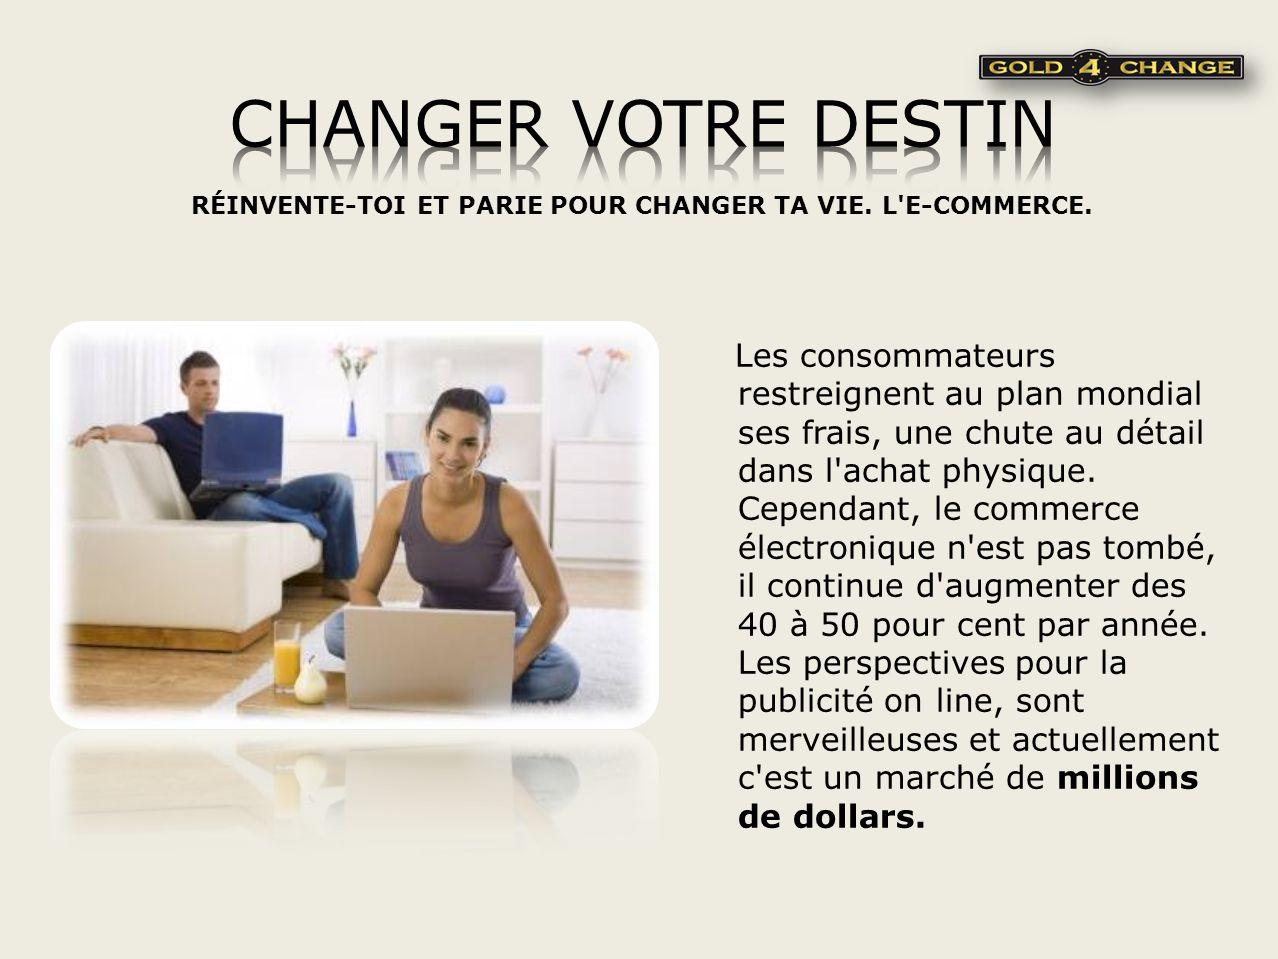 RÉINVENTE-TOI ET PARIE POUR CHANGER TA VIE. L E-COMMERCE.